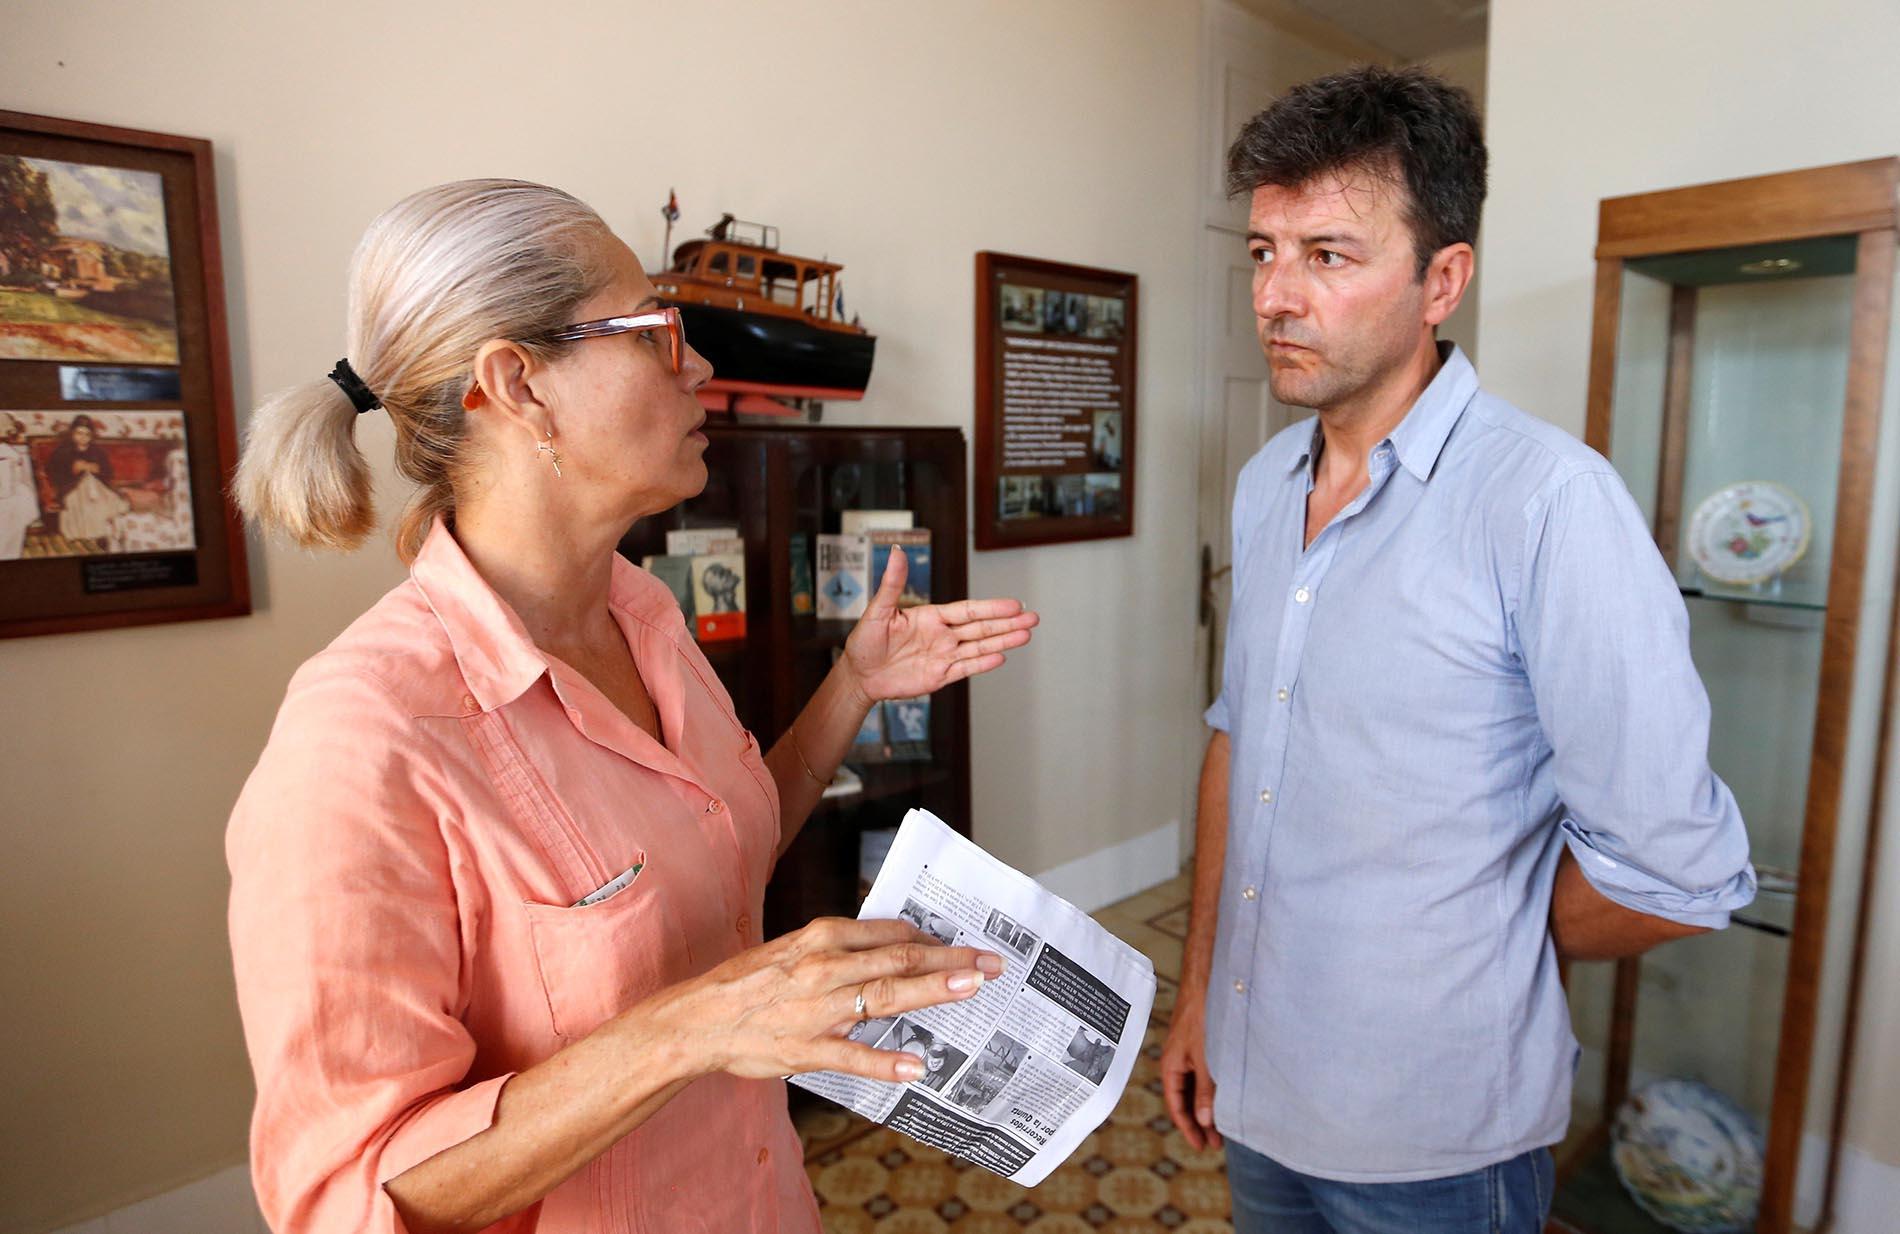 El periodista español Pablo López (d) conversa con Esperanza García, trabajadora del Hotel Ambos Mundos en la que fuera la habitación preferida del hotel de Ernest Hemingway, el 22 de junio de 2019, en La Habana. Foto: Ernesto Mastrascusa / EFE.